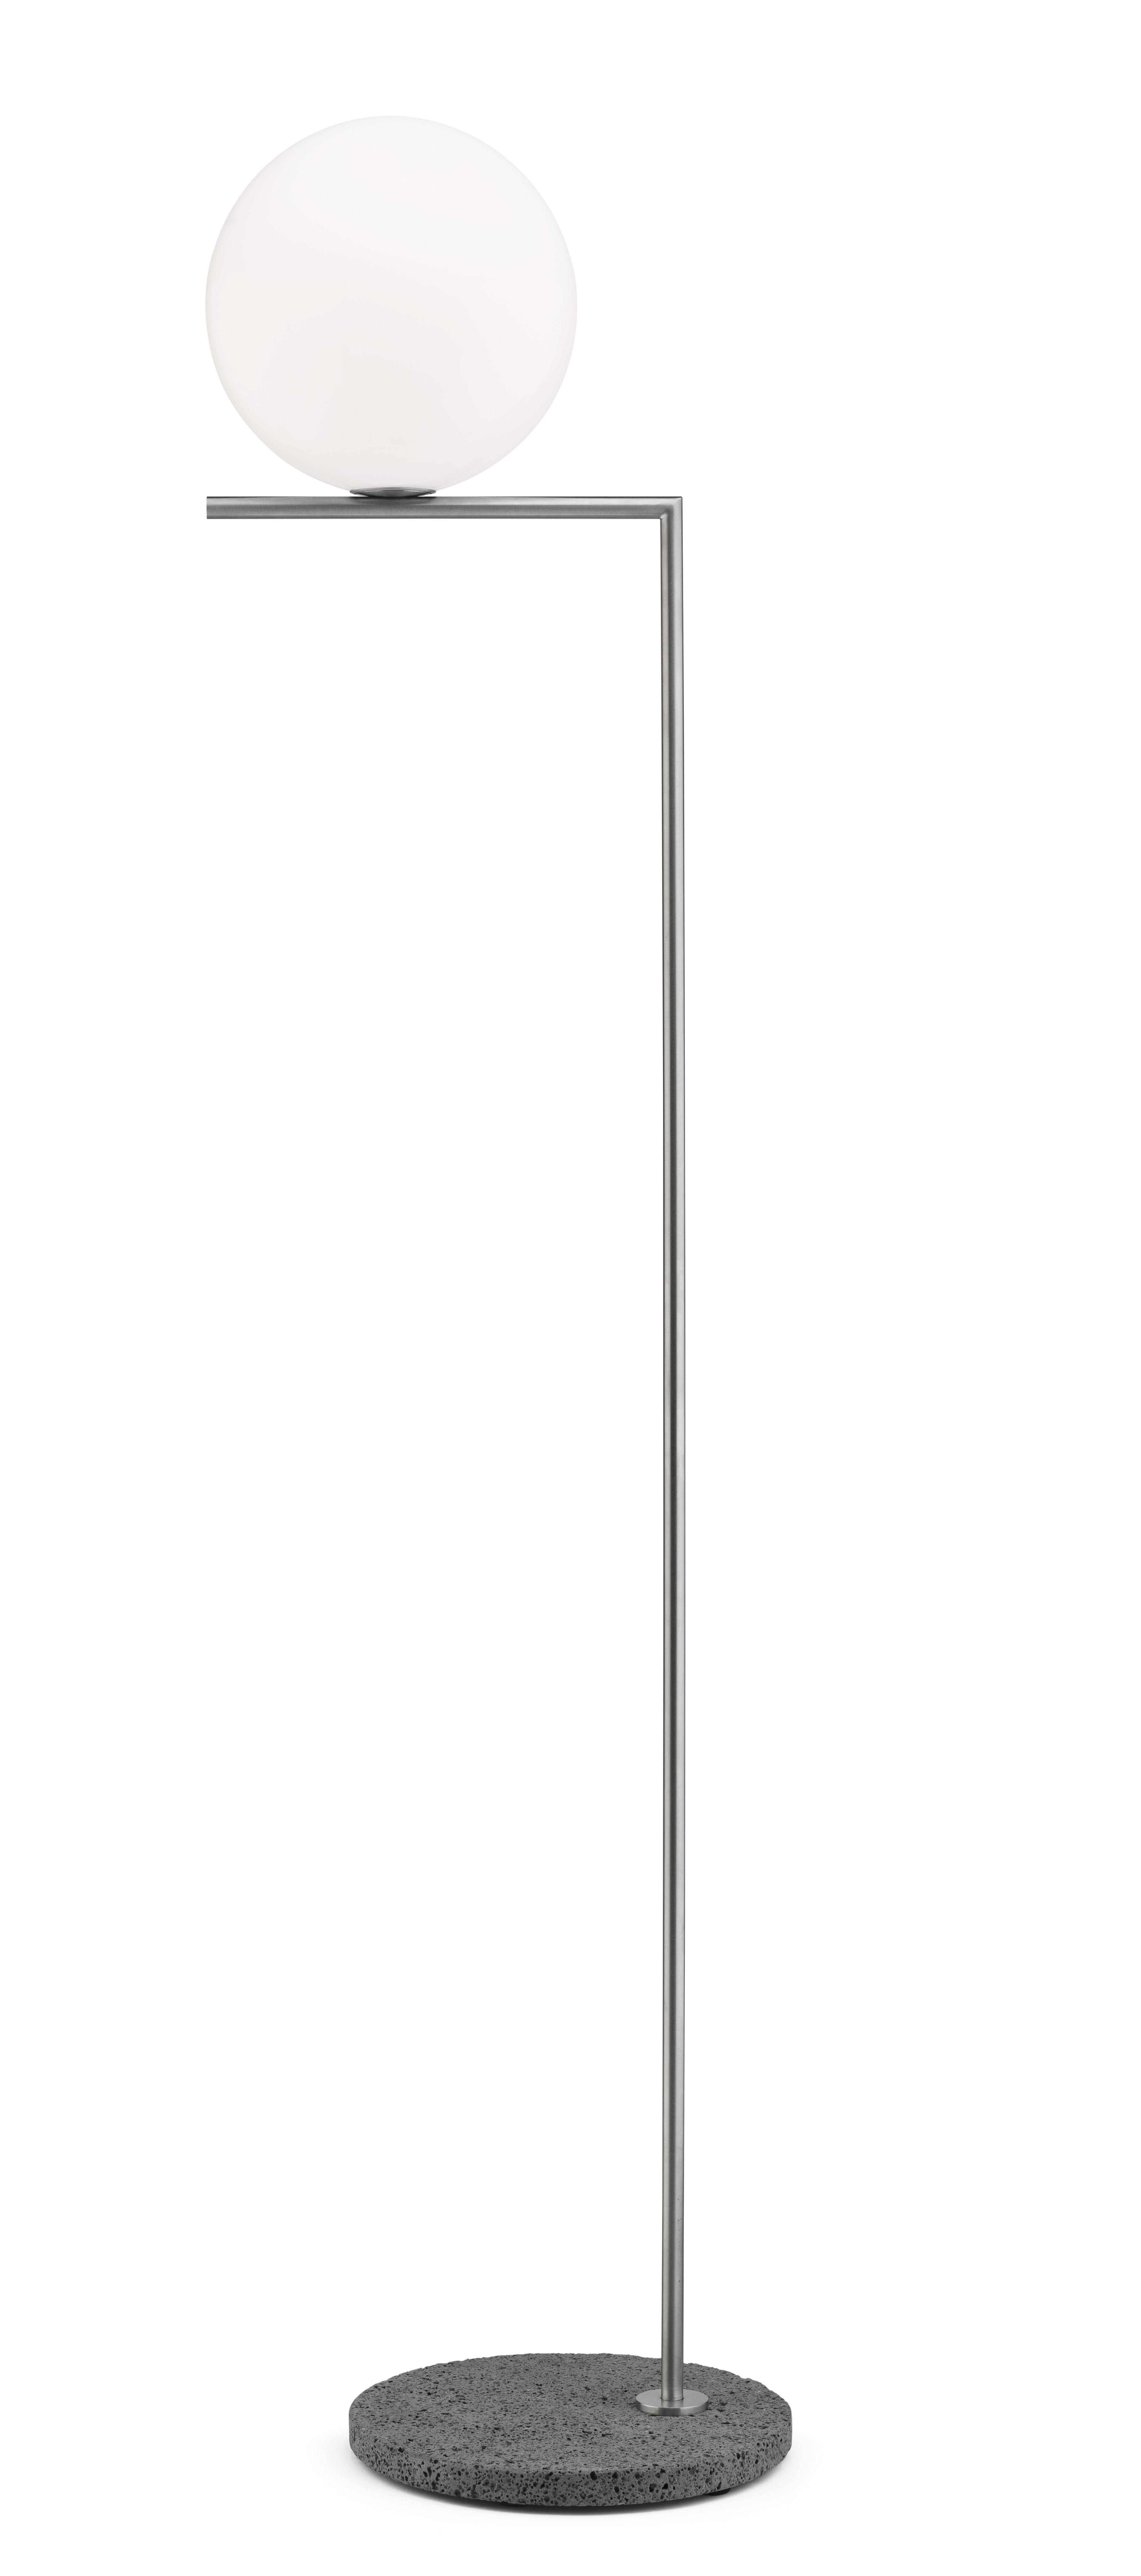 Luminaire - Lampadaires - Lampadaire IC F2 Outdoor / H 185 cm - Base pierre - Flos - Acier brossé / Pierre grise - Acier inoxydable, Pierre, Verre